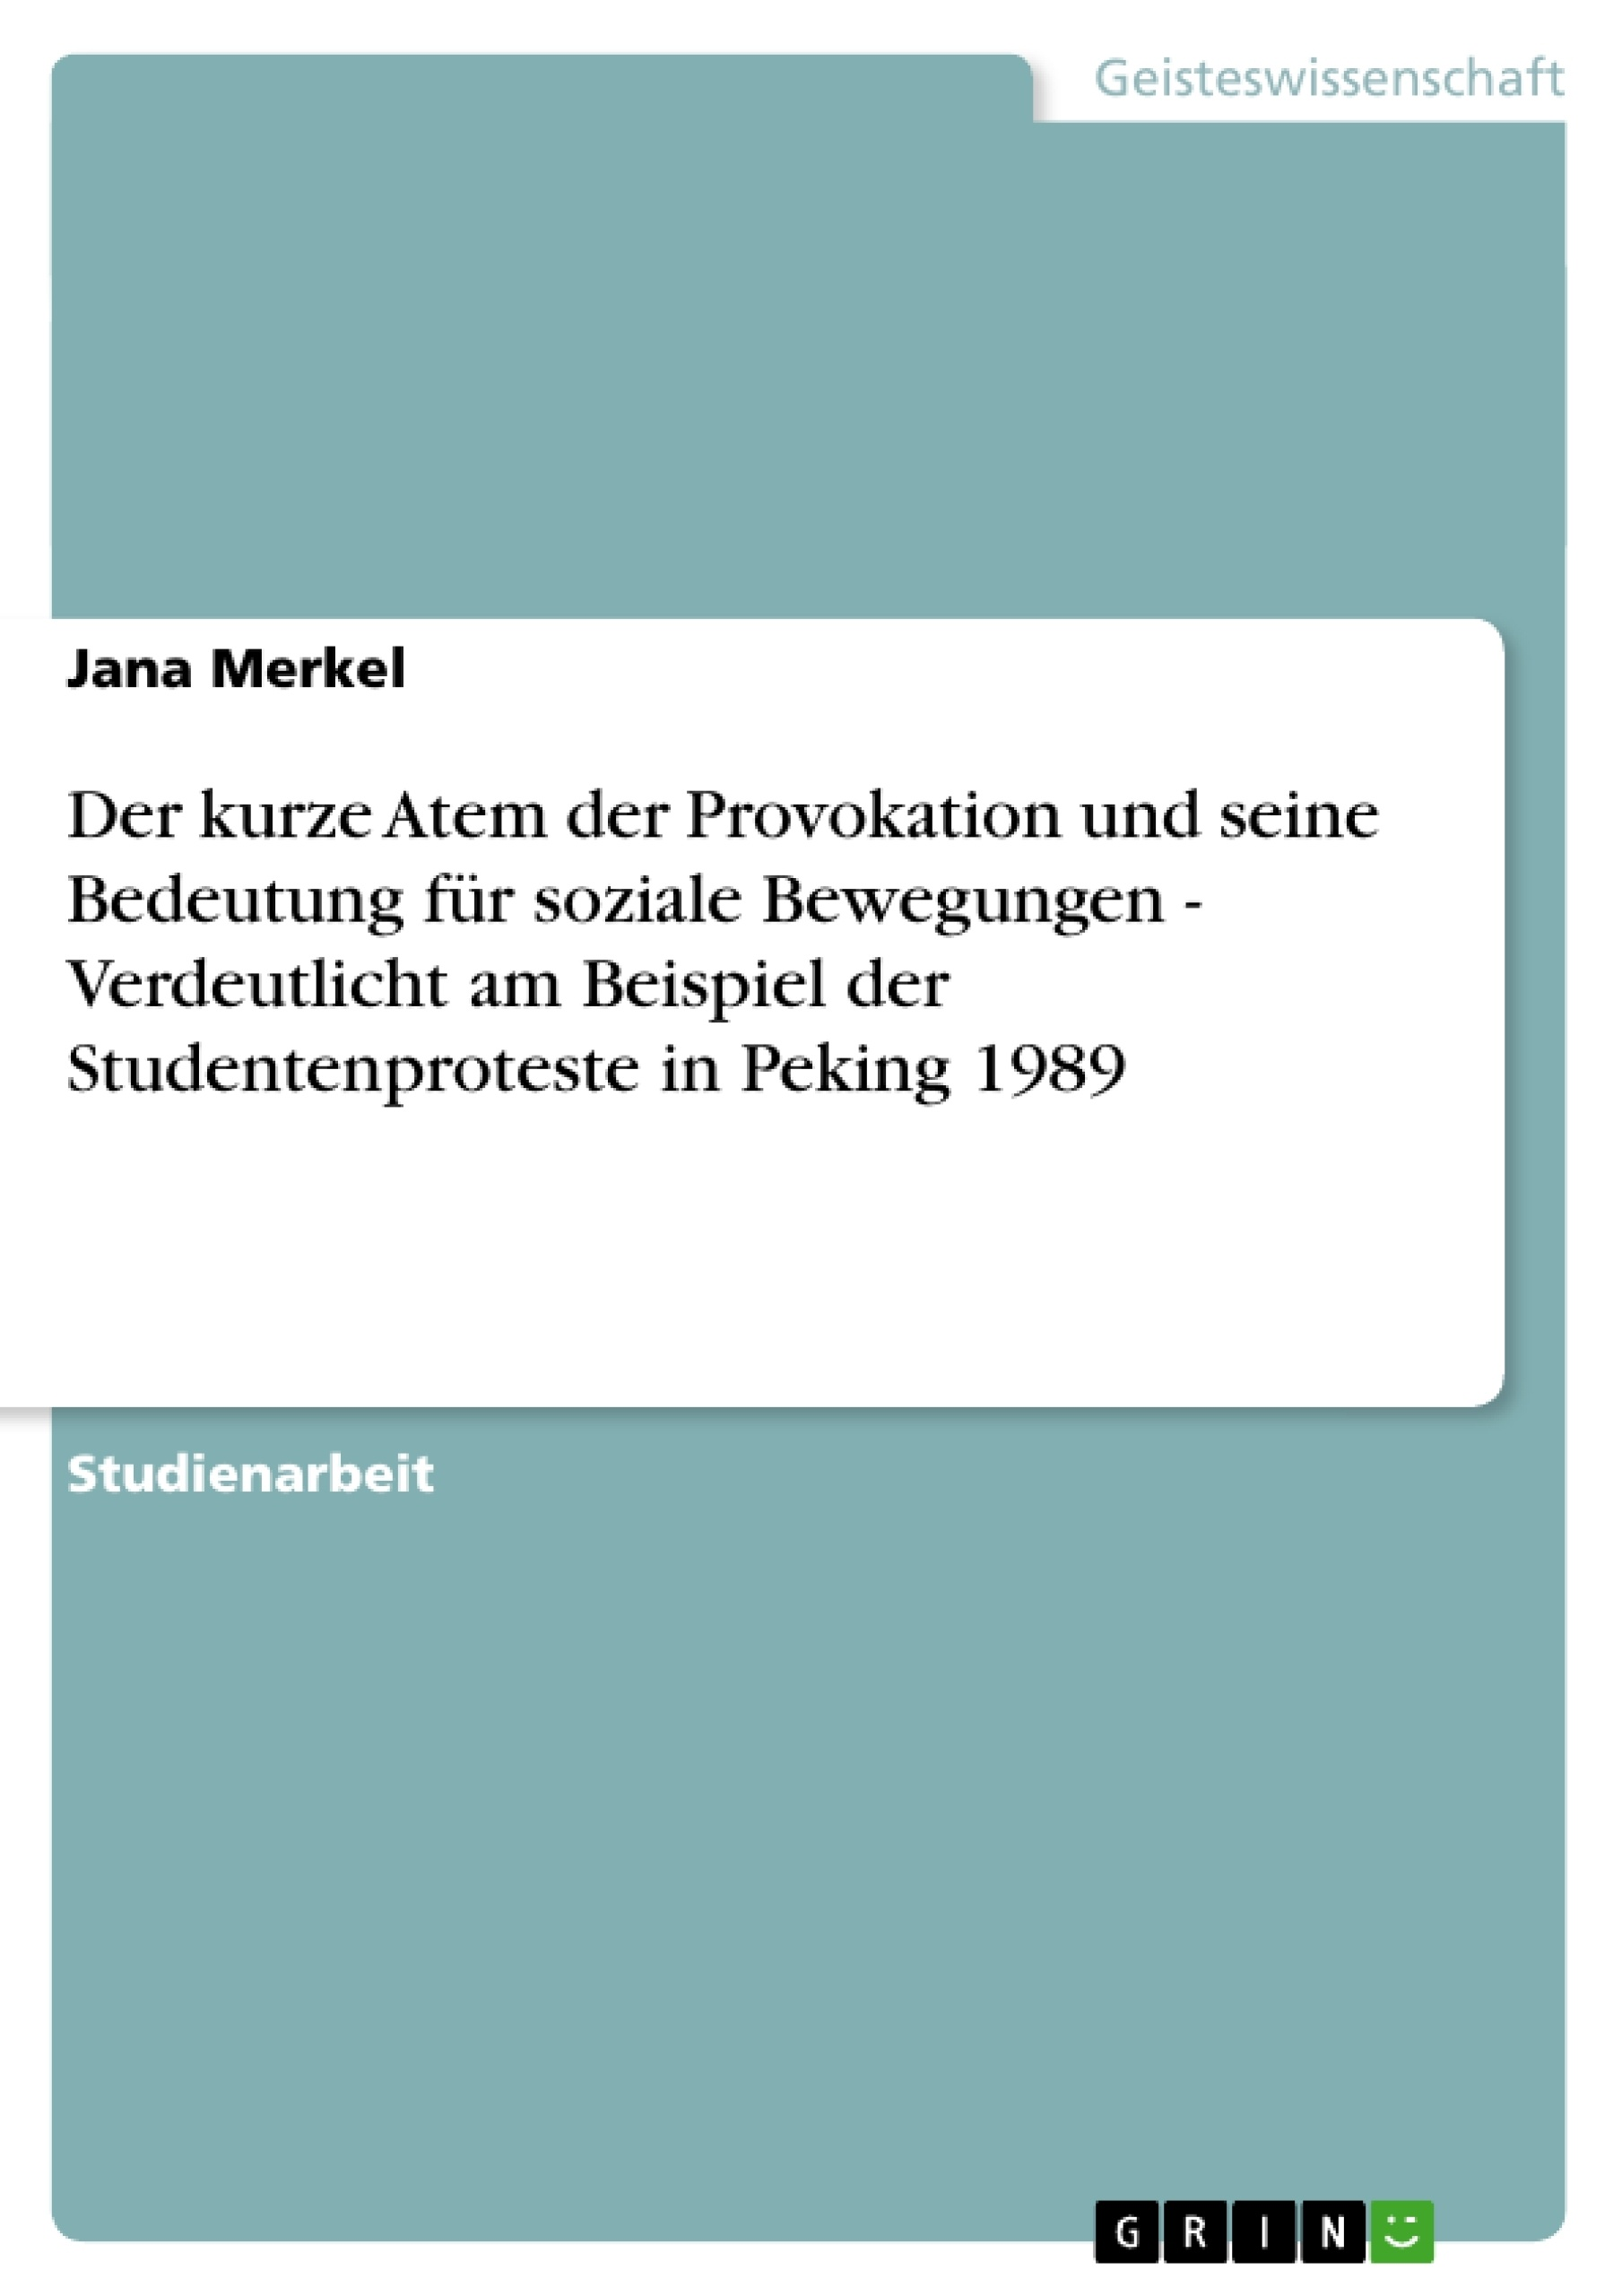 Titel: Der kurze Atem der Provokation und seine Bedeutung für soziale Bewegungen - Verdeutlicht am Beispiel der Studentenproteste in Peking 1989